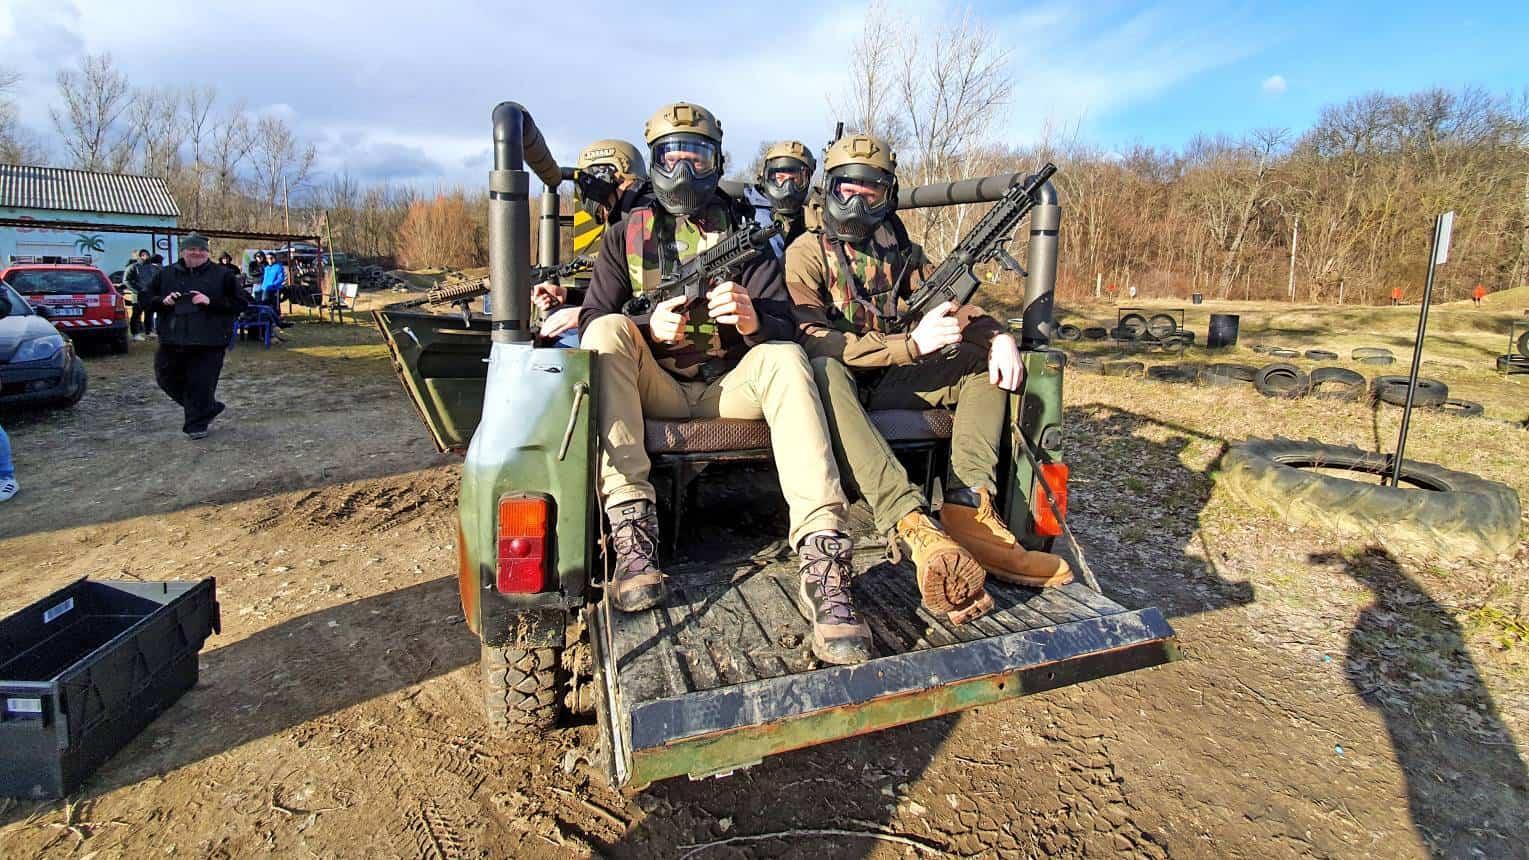 Paintball UAZ katonai terepjáróról mozgás közben legénybúcsúra